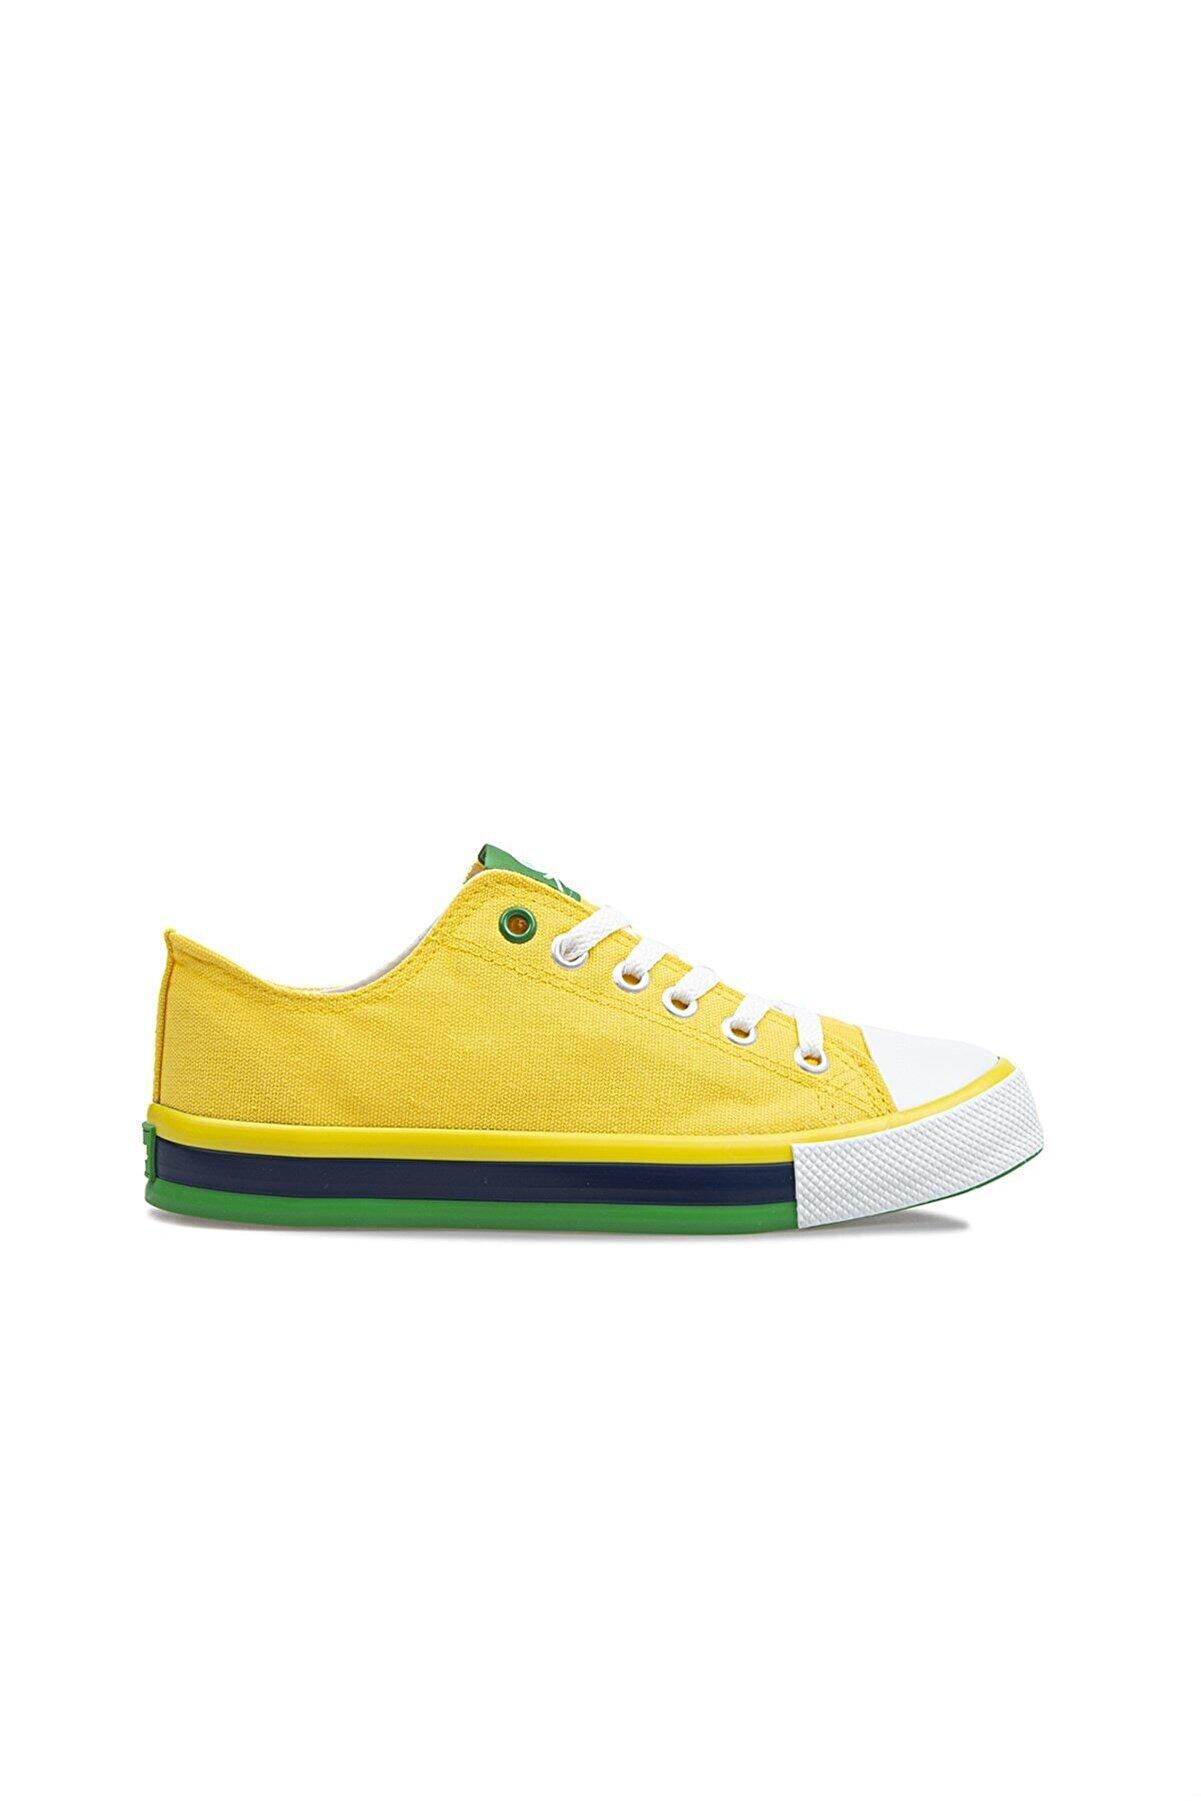 Benetton Erkek Spor Ayakkabı